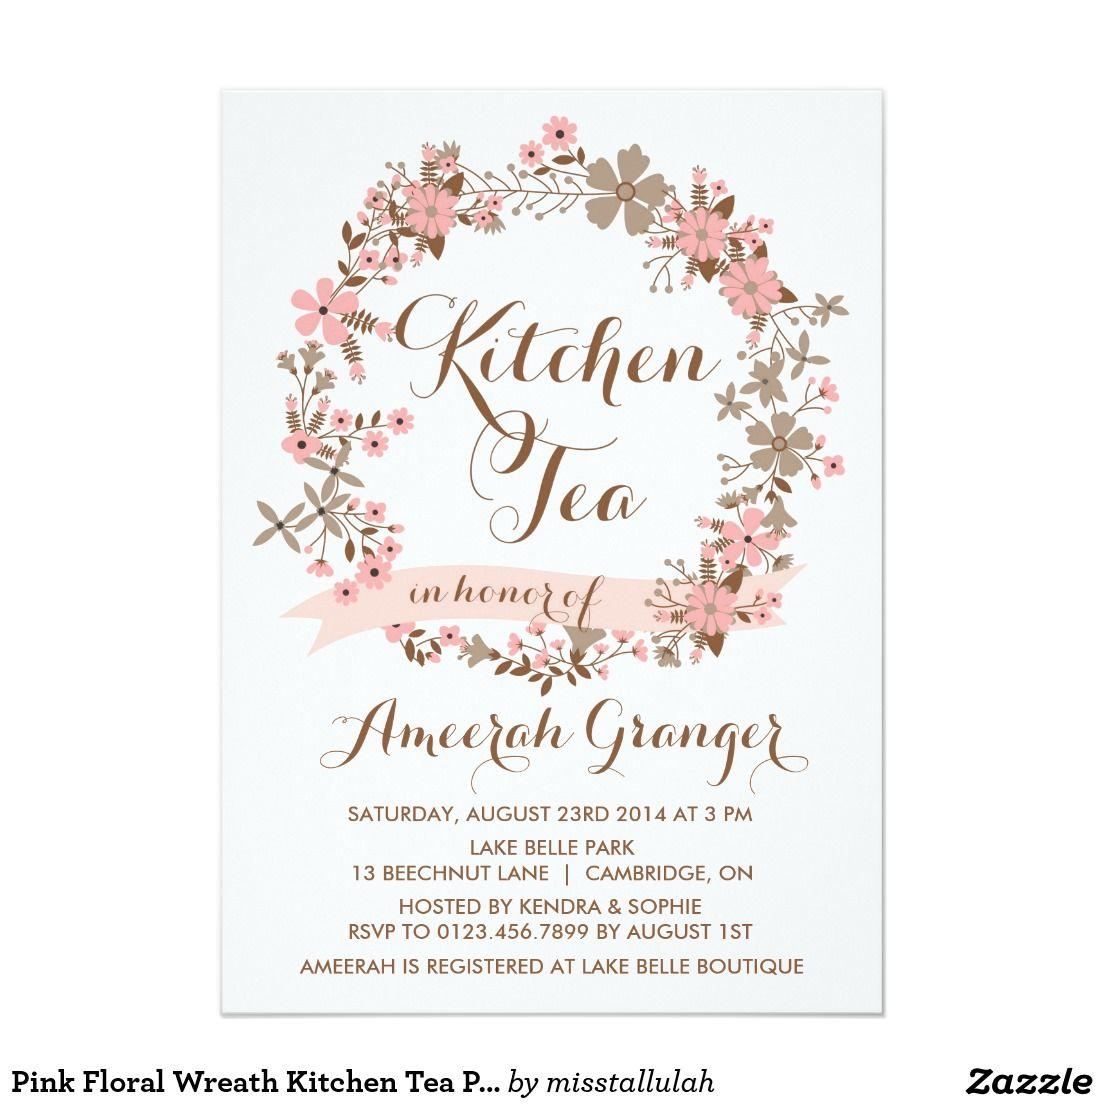 Pink Floral Wreath Kitchen Tea Party Invitation | Kitchen tea ...